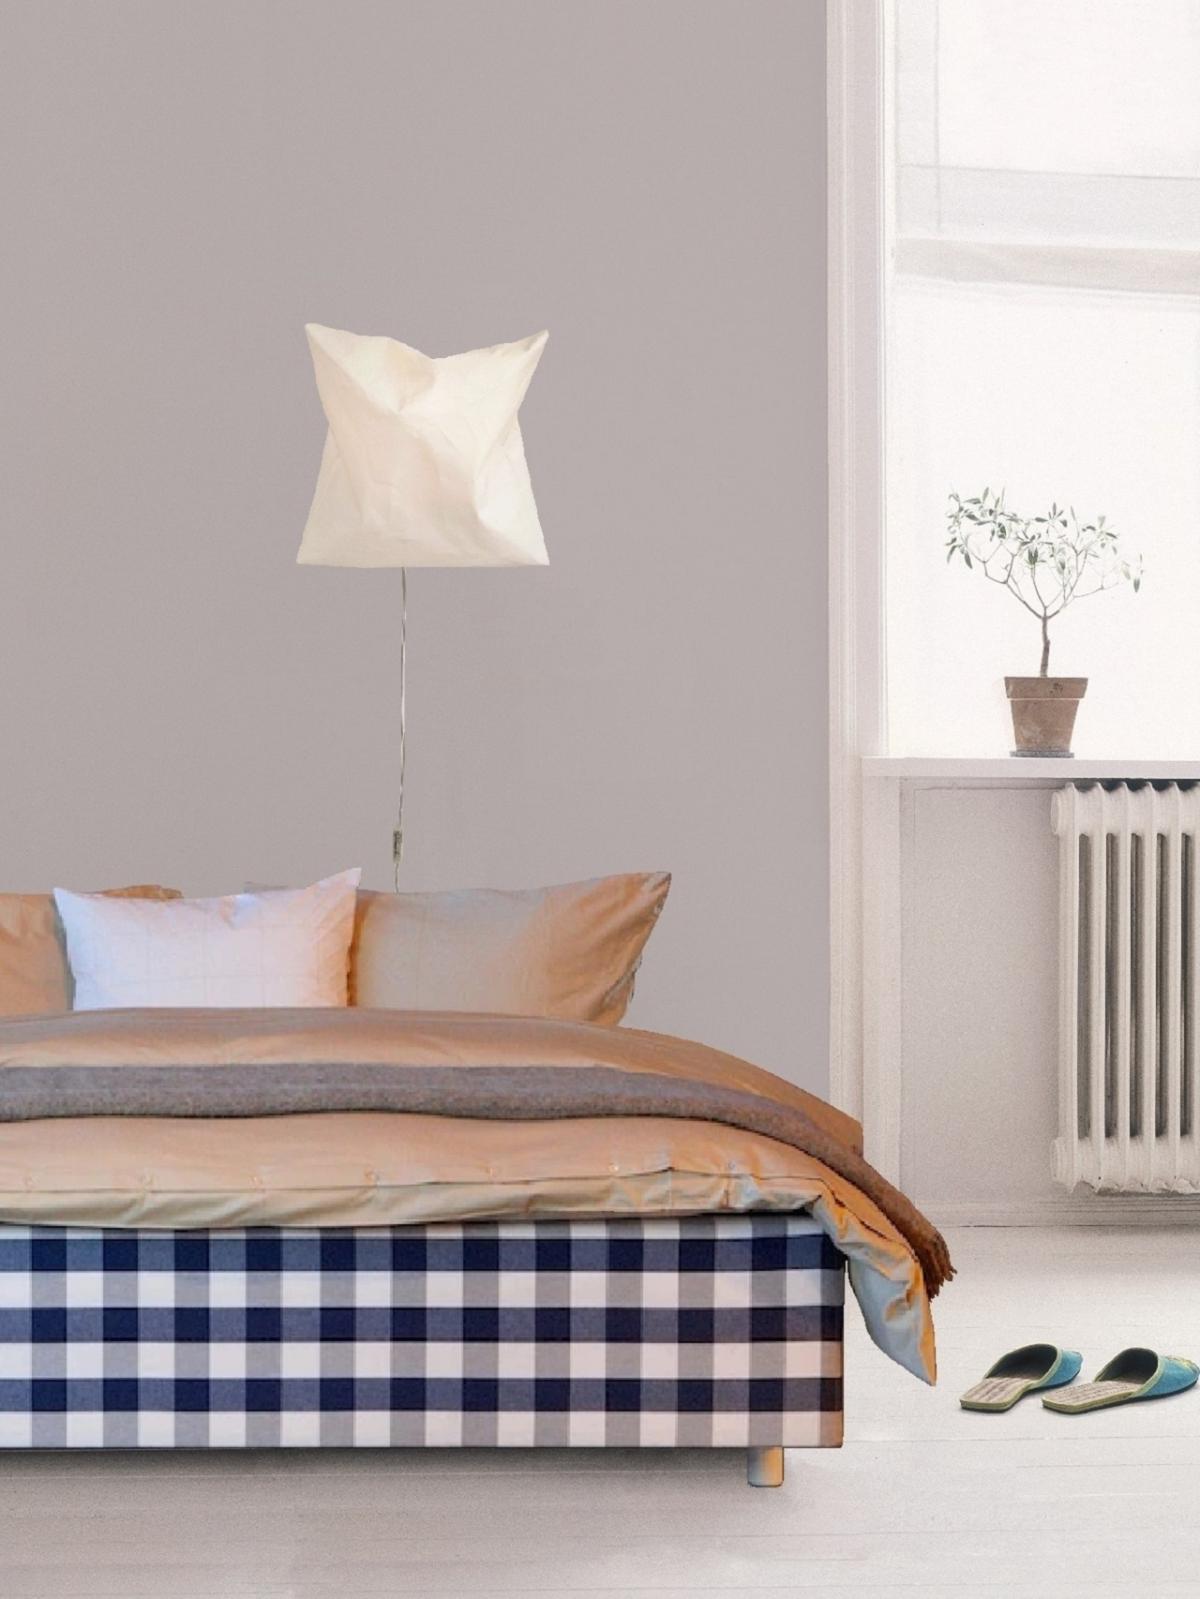 b4-væglampe-soveværelse-interiør-png